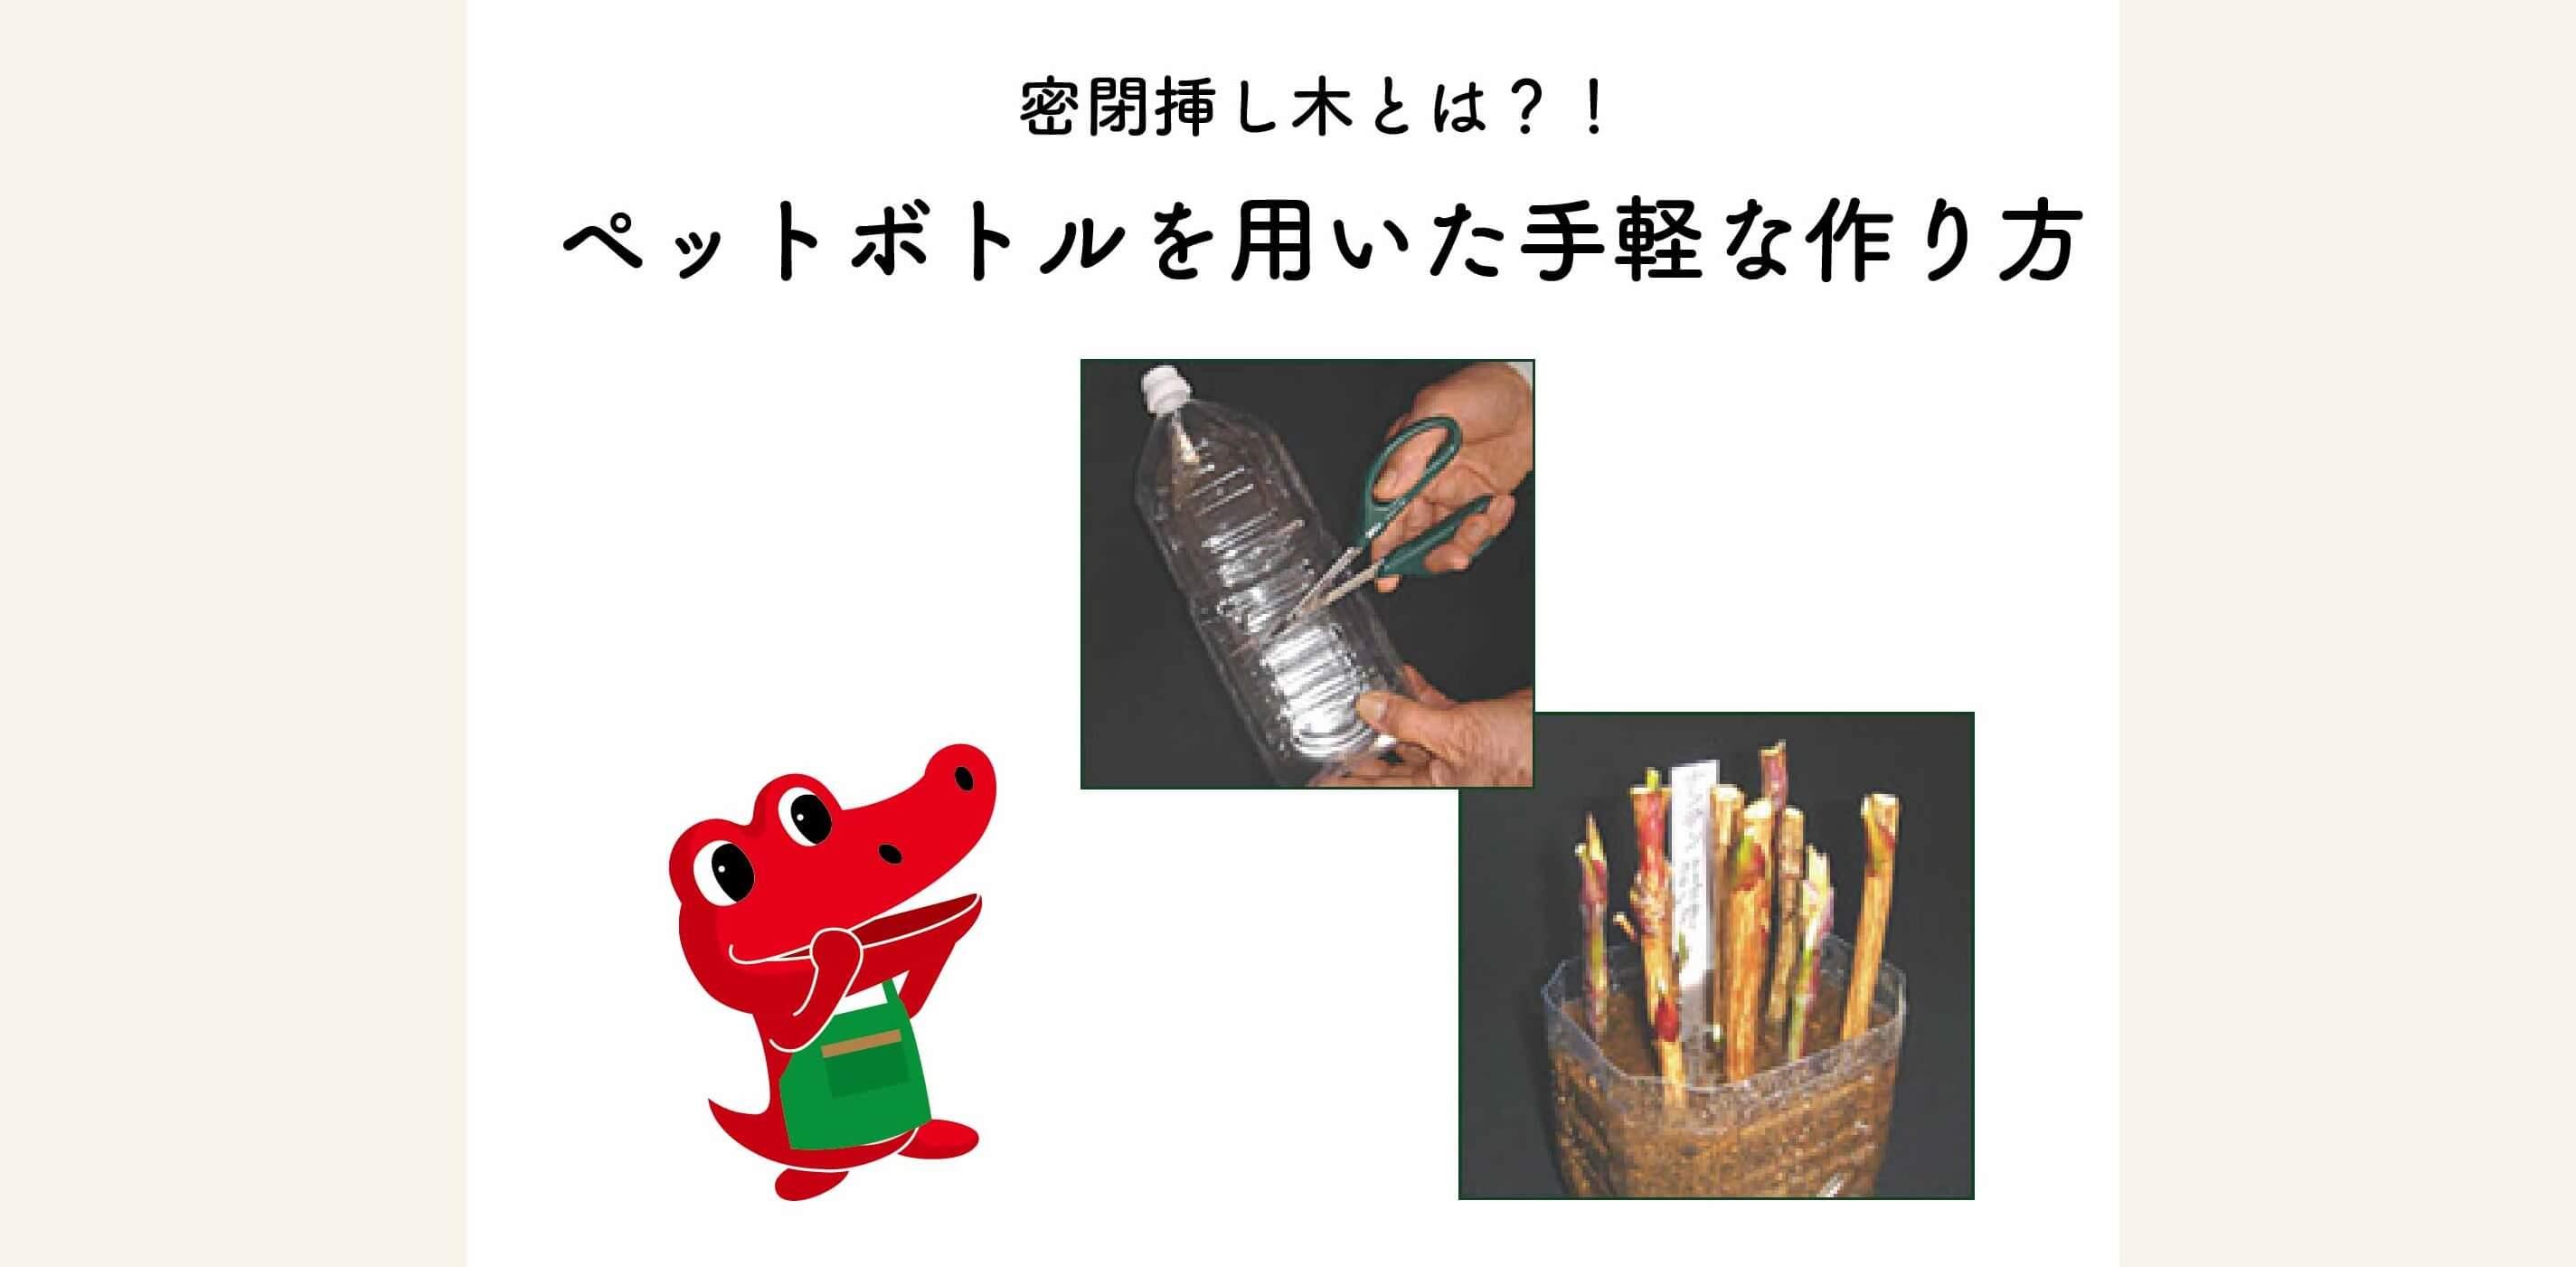 【春の園芸作業】密閉挿し木とは?ペットボトルを用いた手軽な作り方